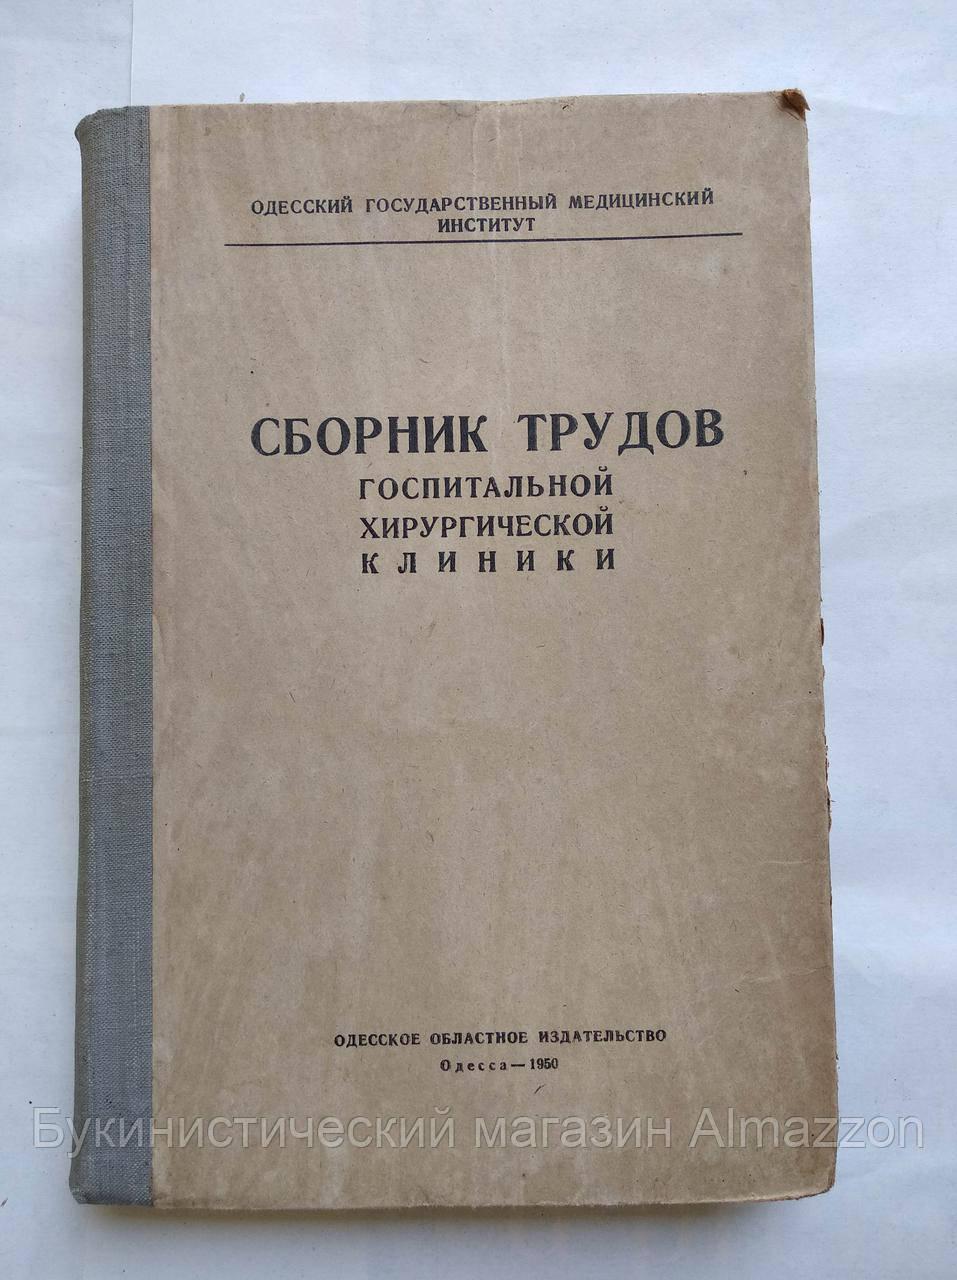 Сборник трудов госпитальной хирургической клиники 1950 год